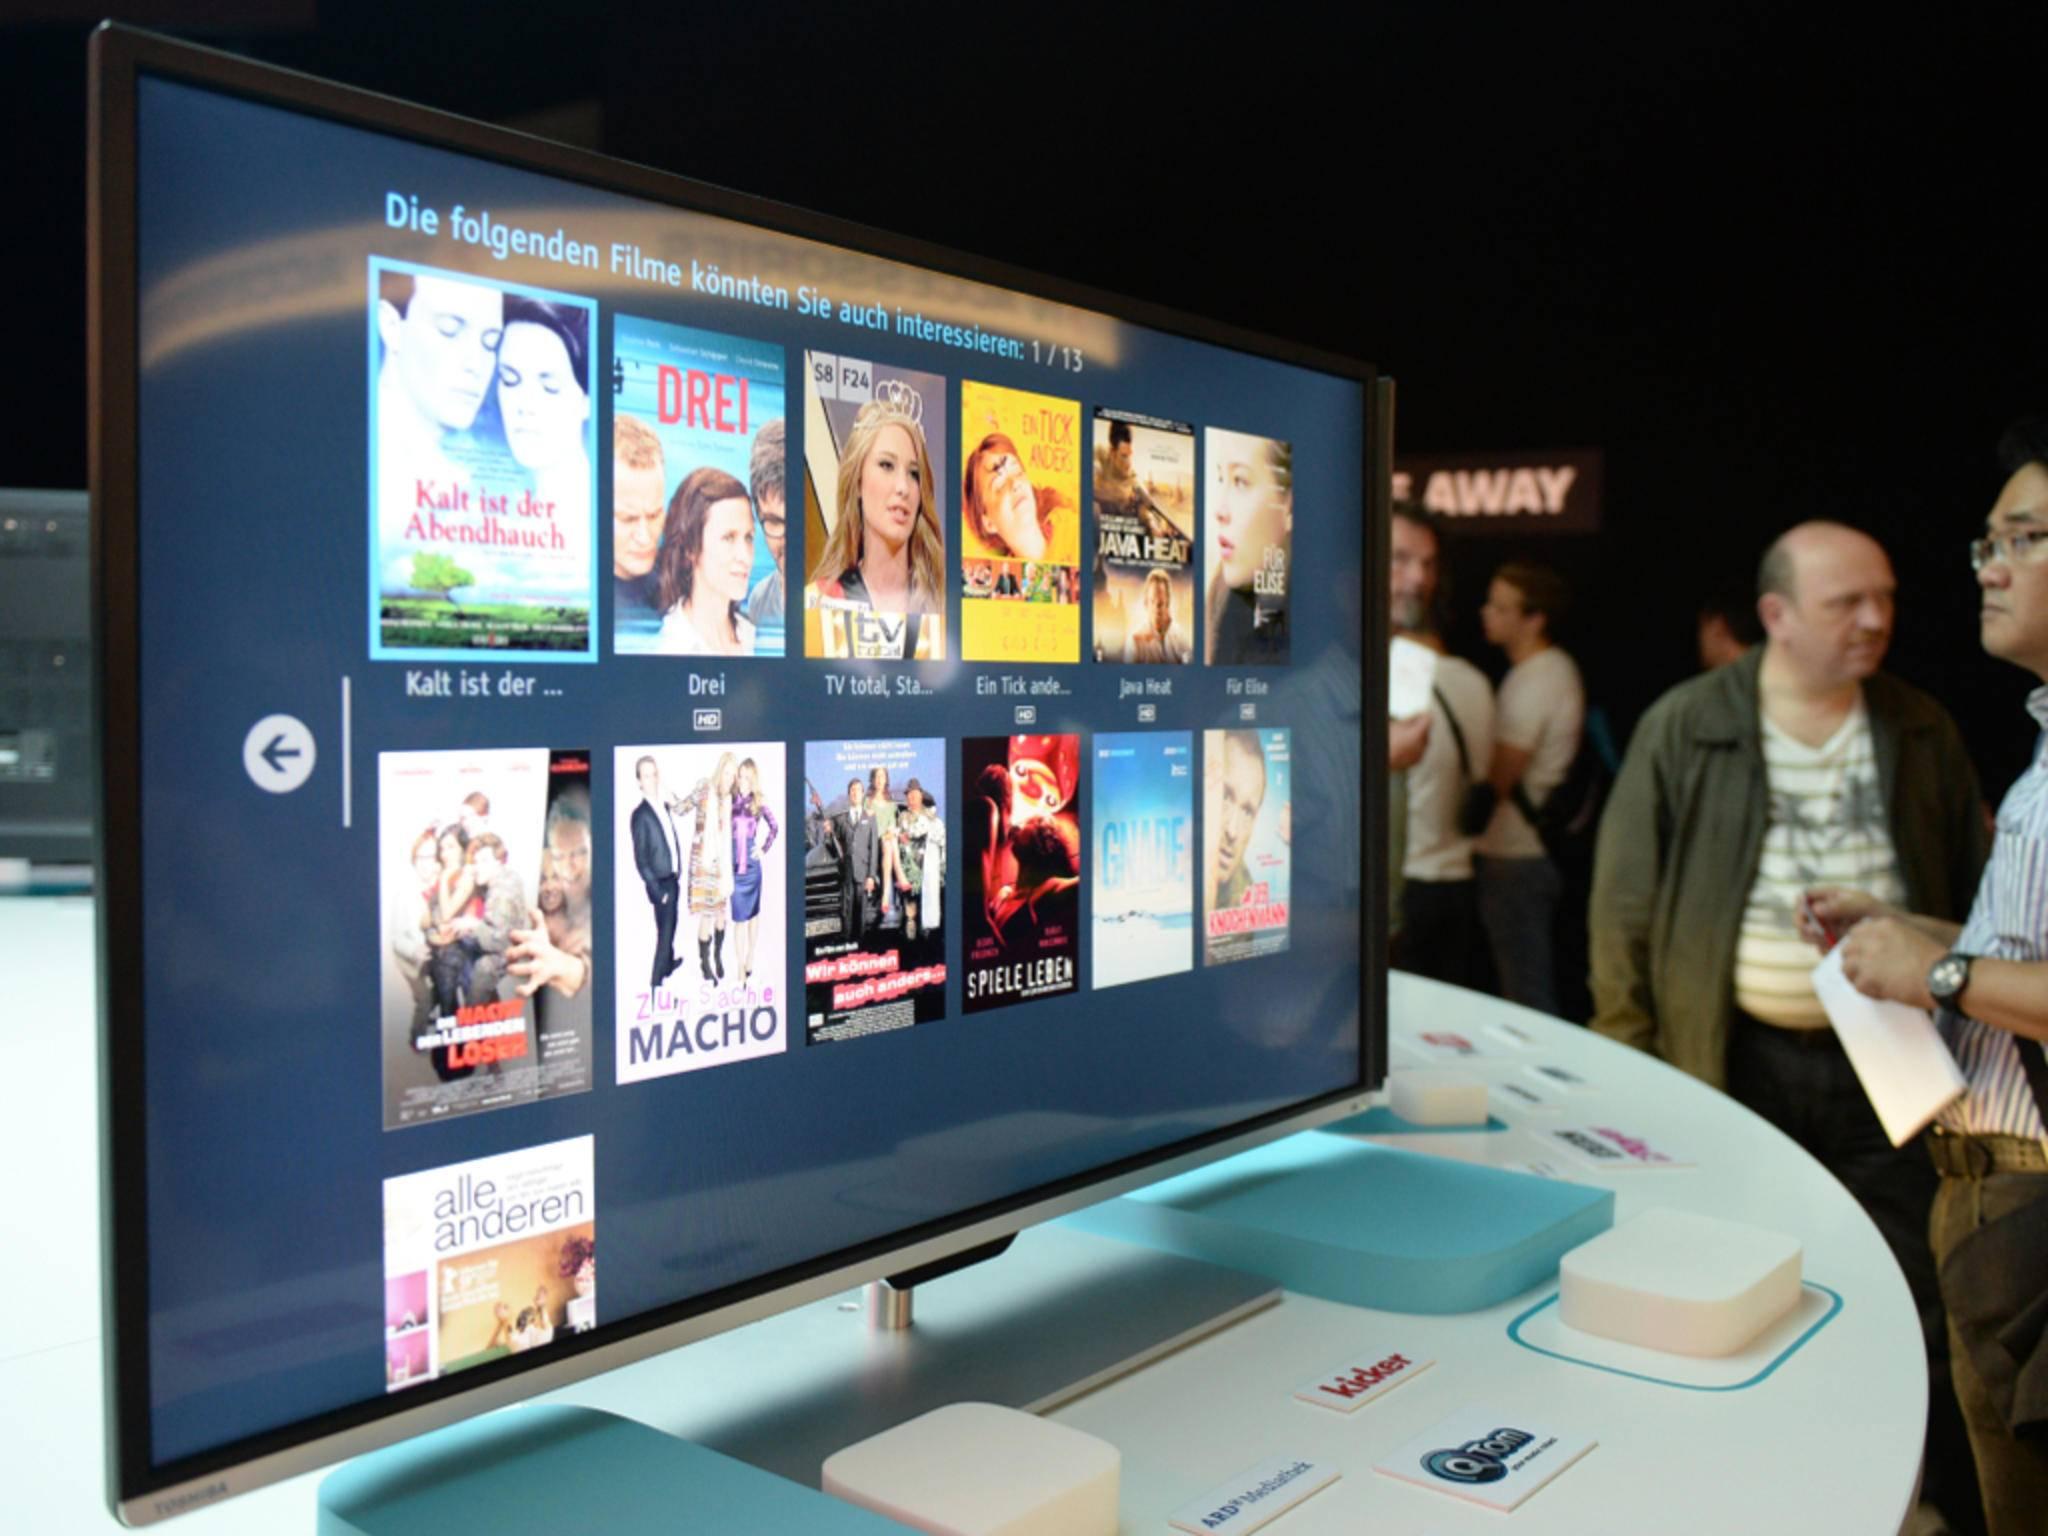 Viele Smart TVs nehmen es mit dem Datenschutz nicht so genau.